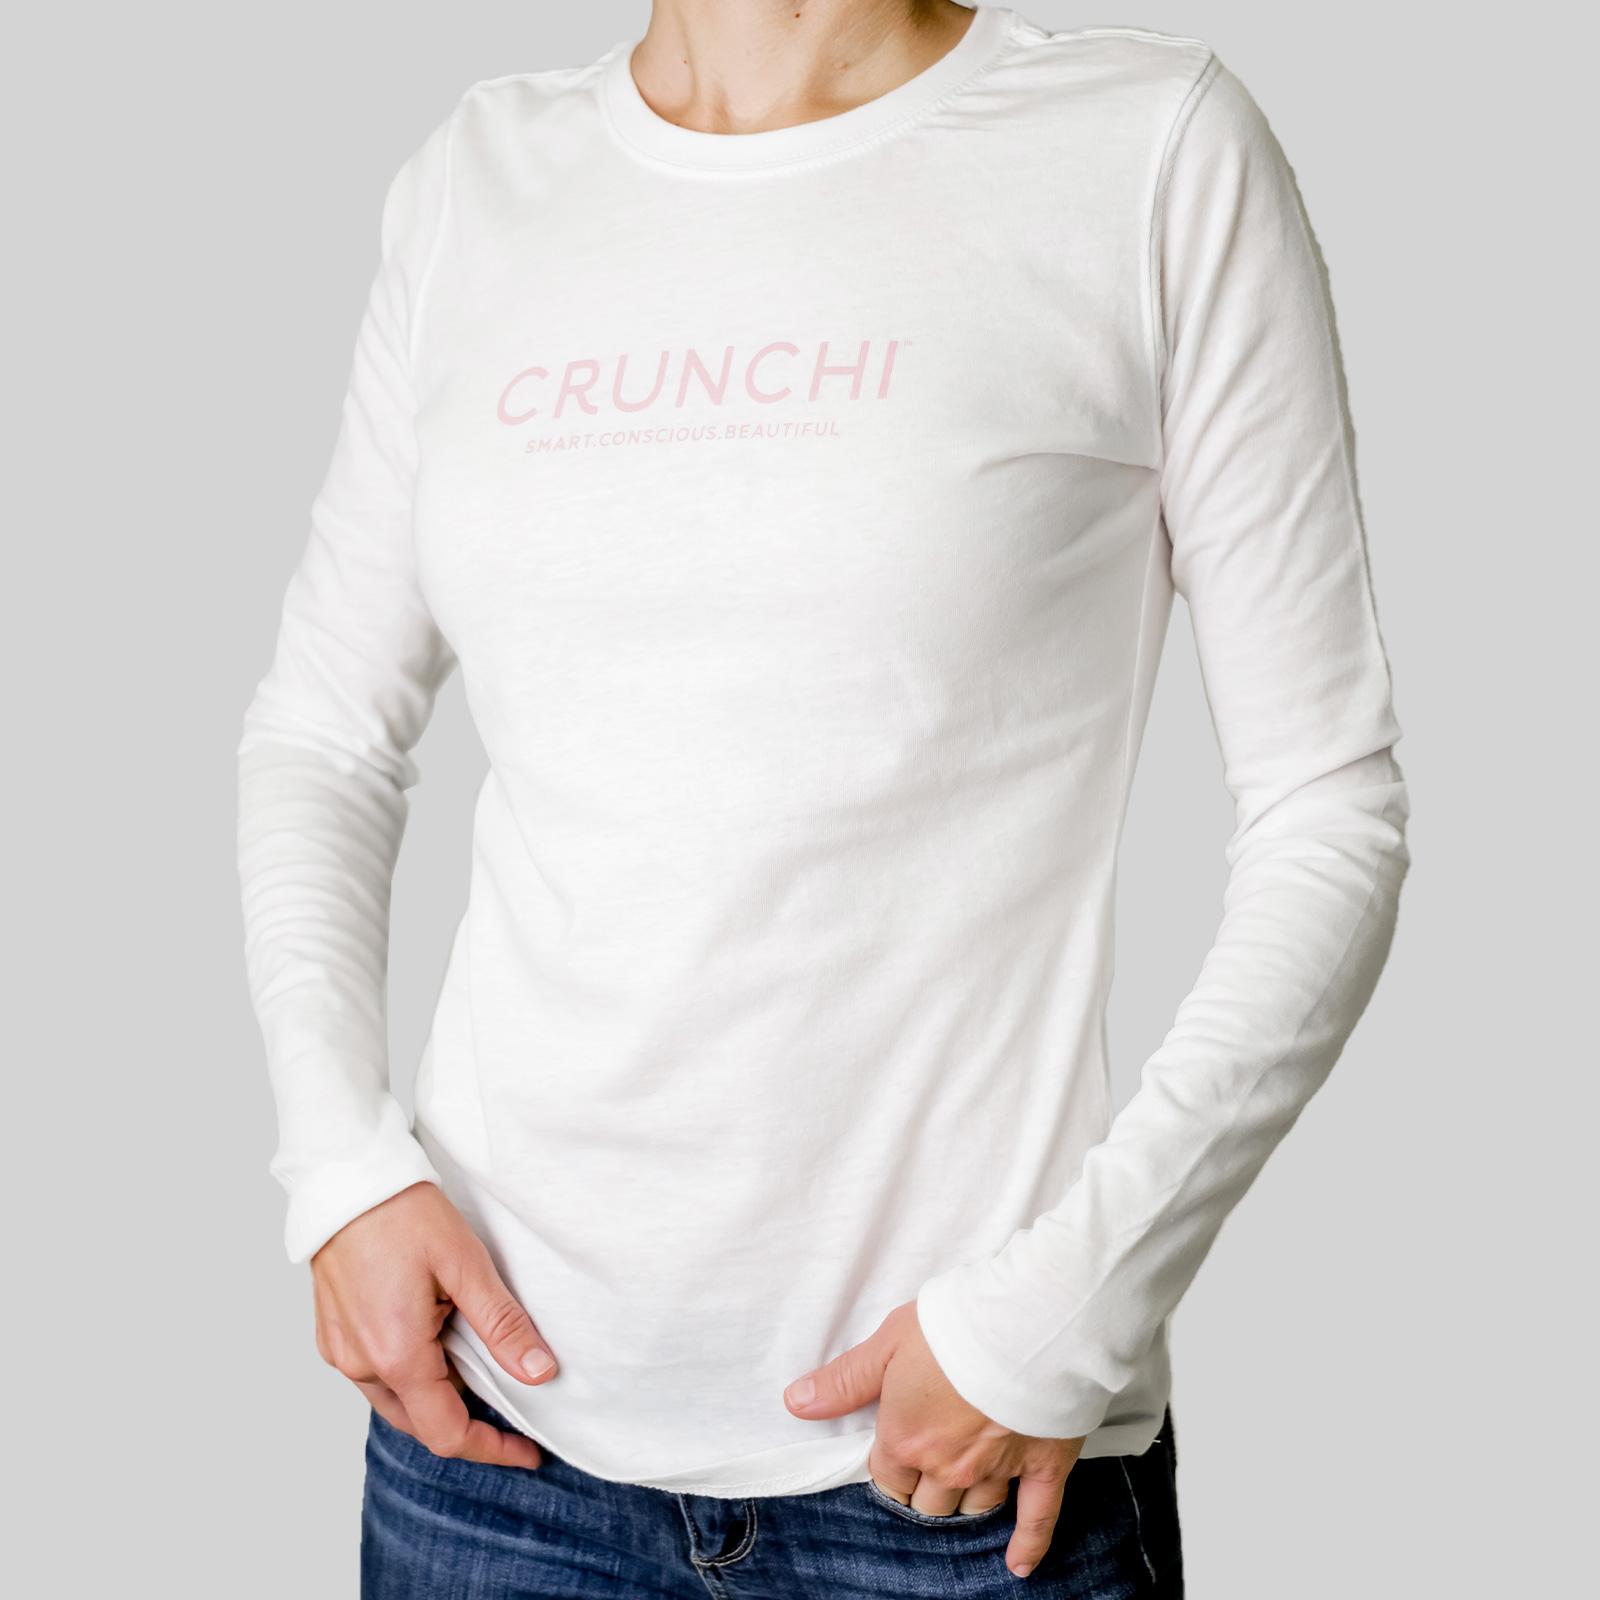 Crunchi Long Sleeve Shirt